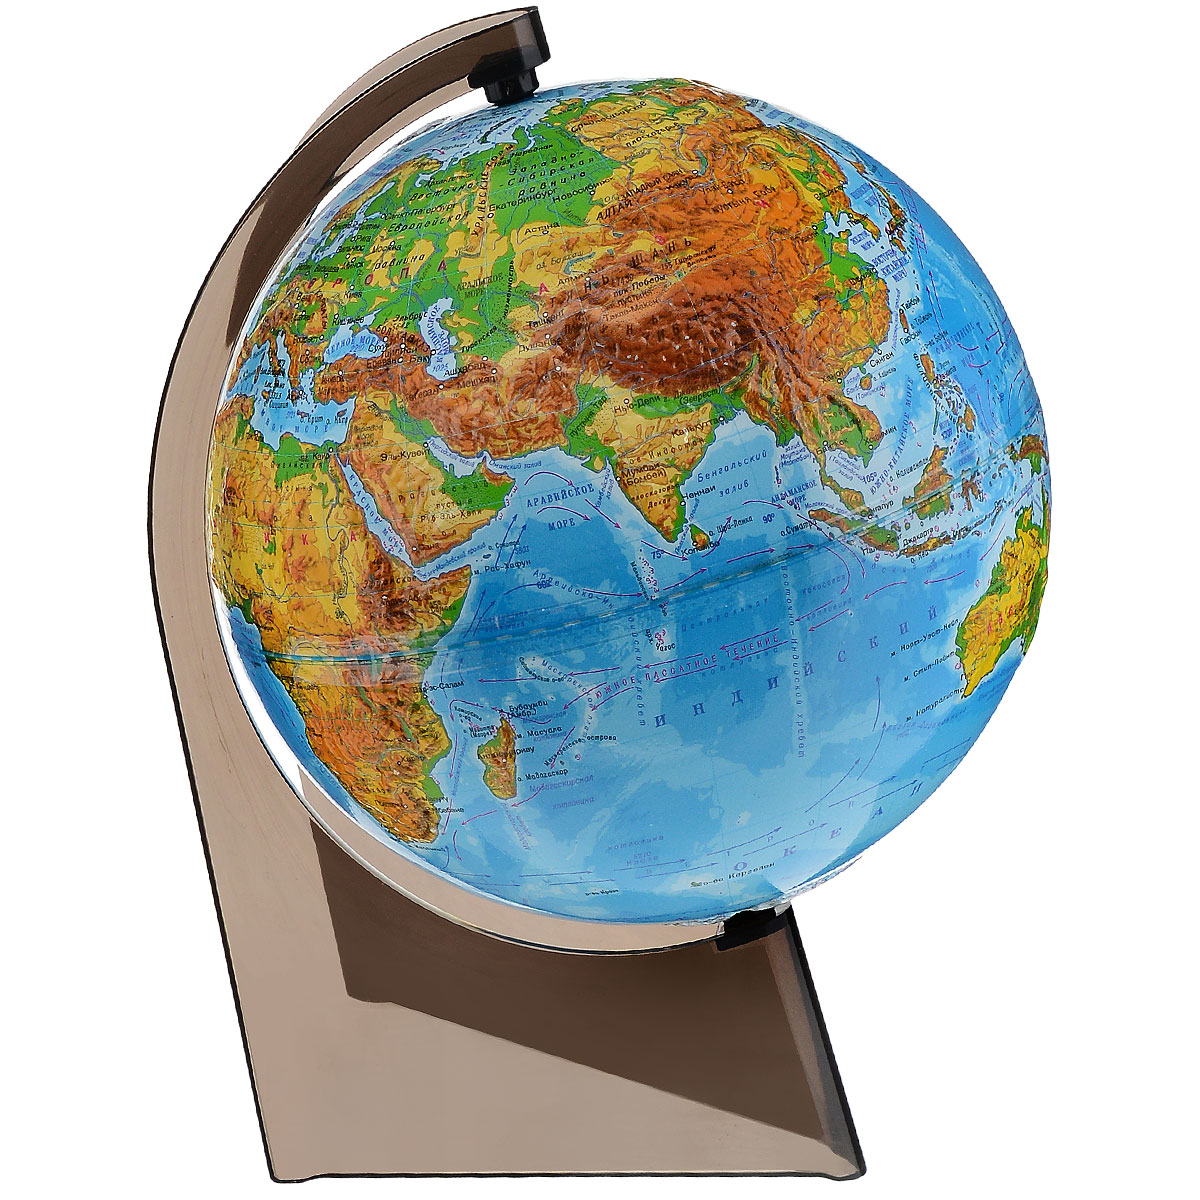 Глобусный мир Глобус с физической картой, рельефный, диаметр 21 см, на подставке